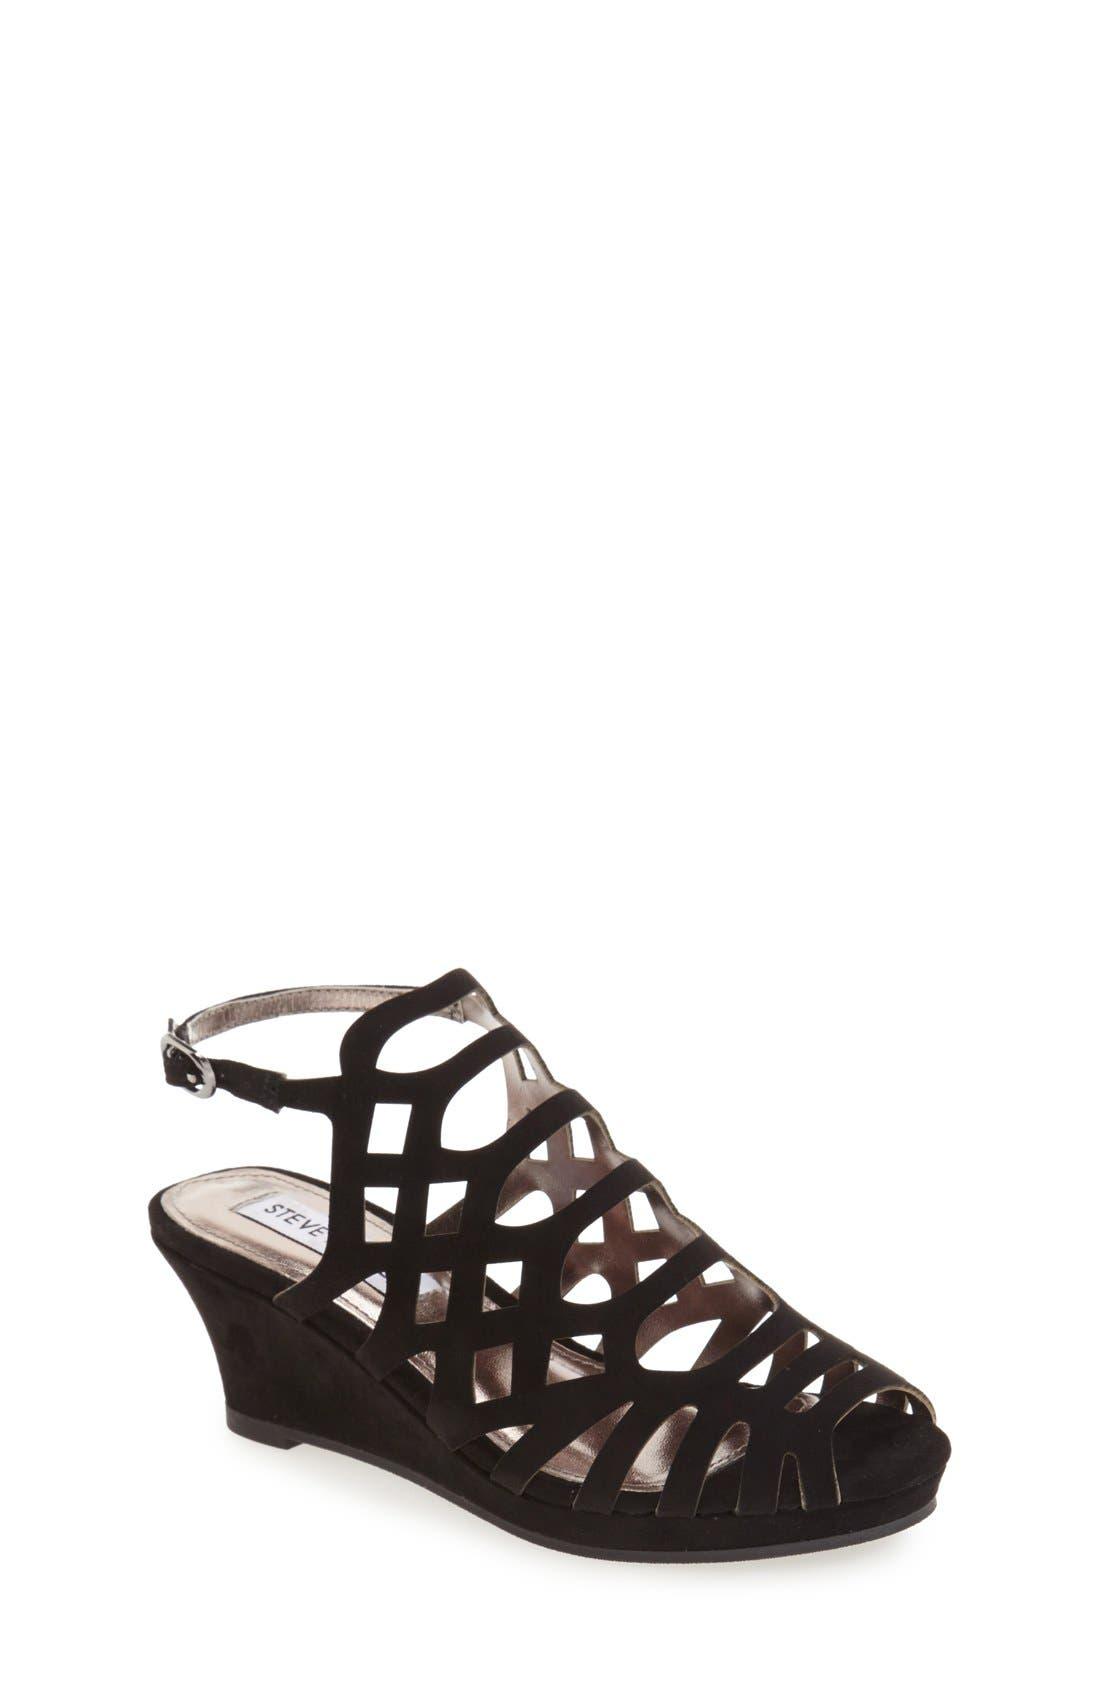 'Jslithr' Cage Wedge Sandal, Main, color, BLACK